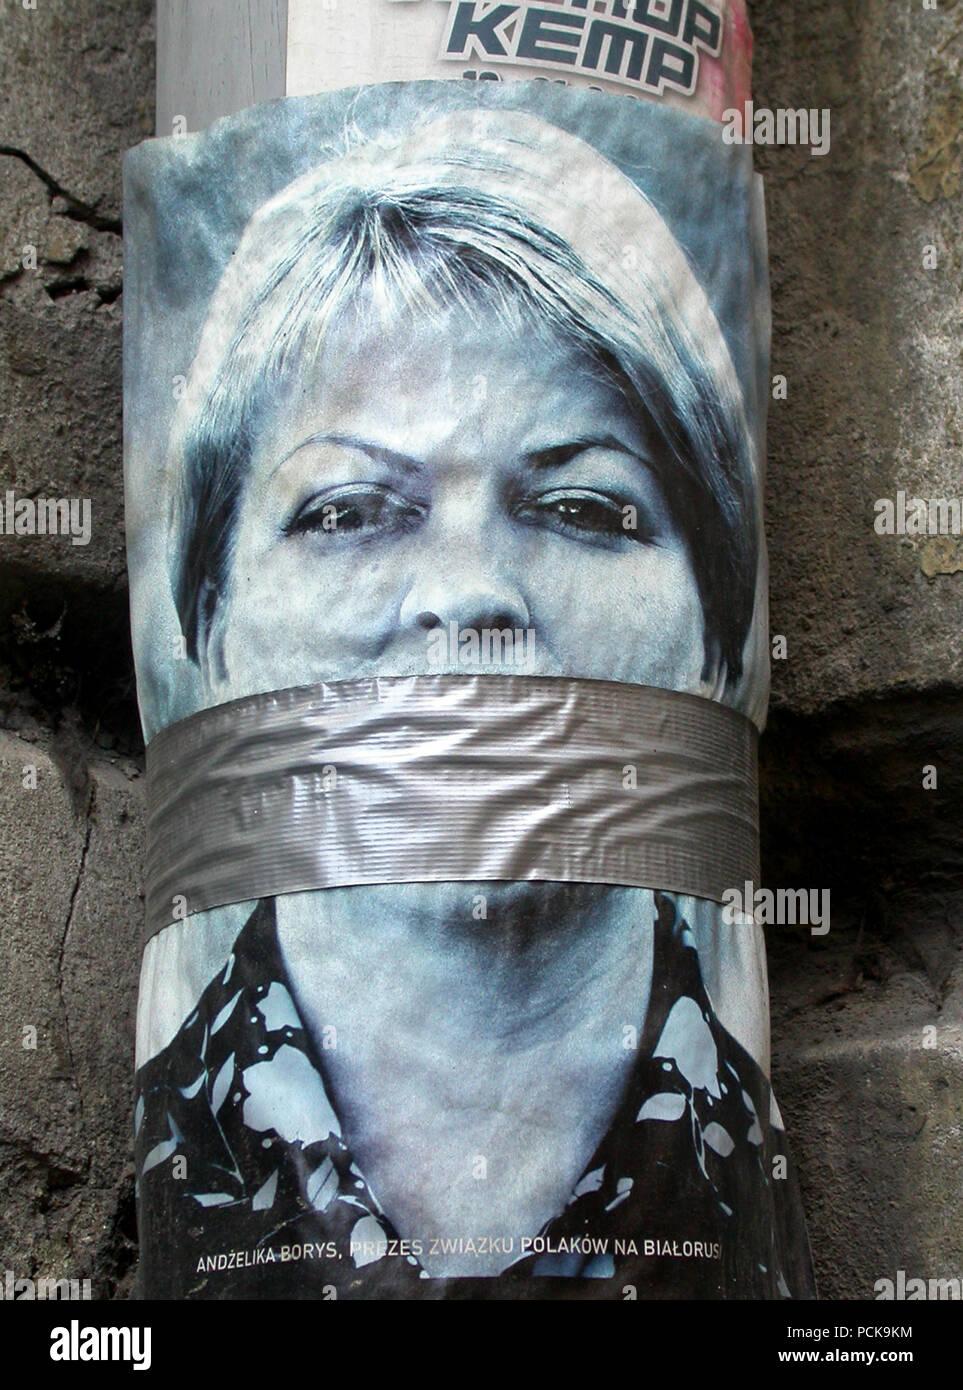 Ruhe, Street Art, Gag, Zensur Stockbild